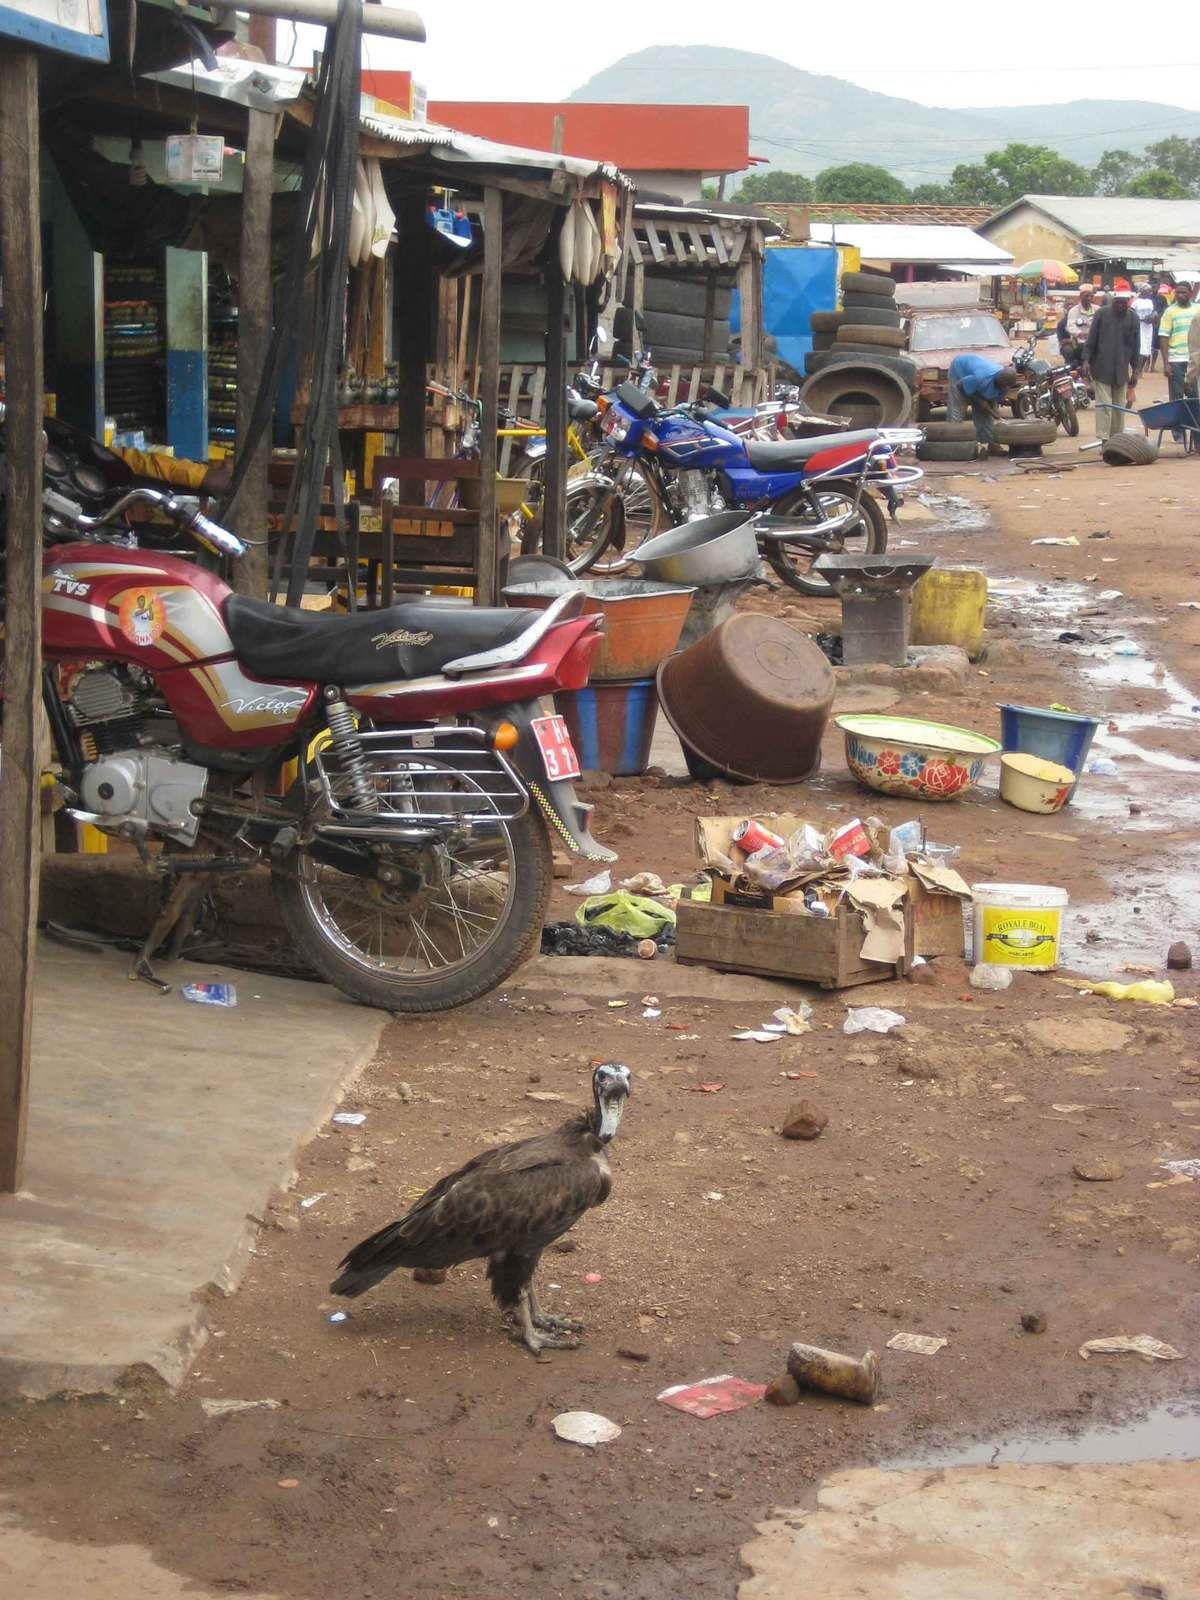 Calle de mercado en Guinea, extrema pobreza y hasta buitres.